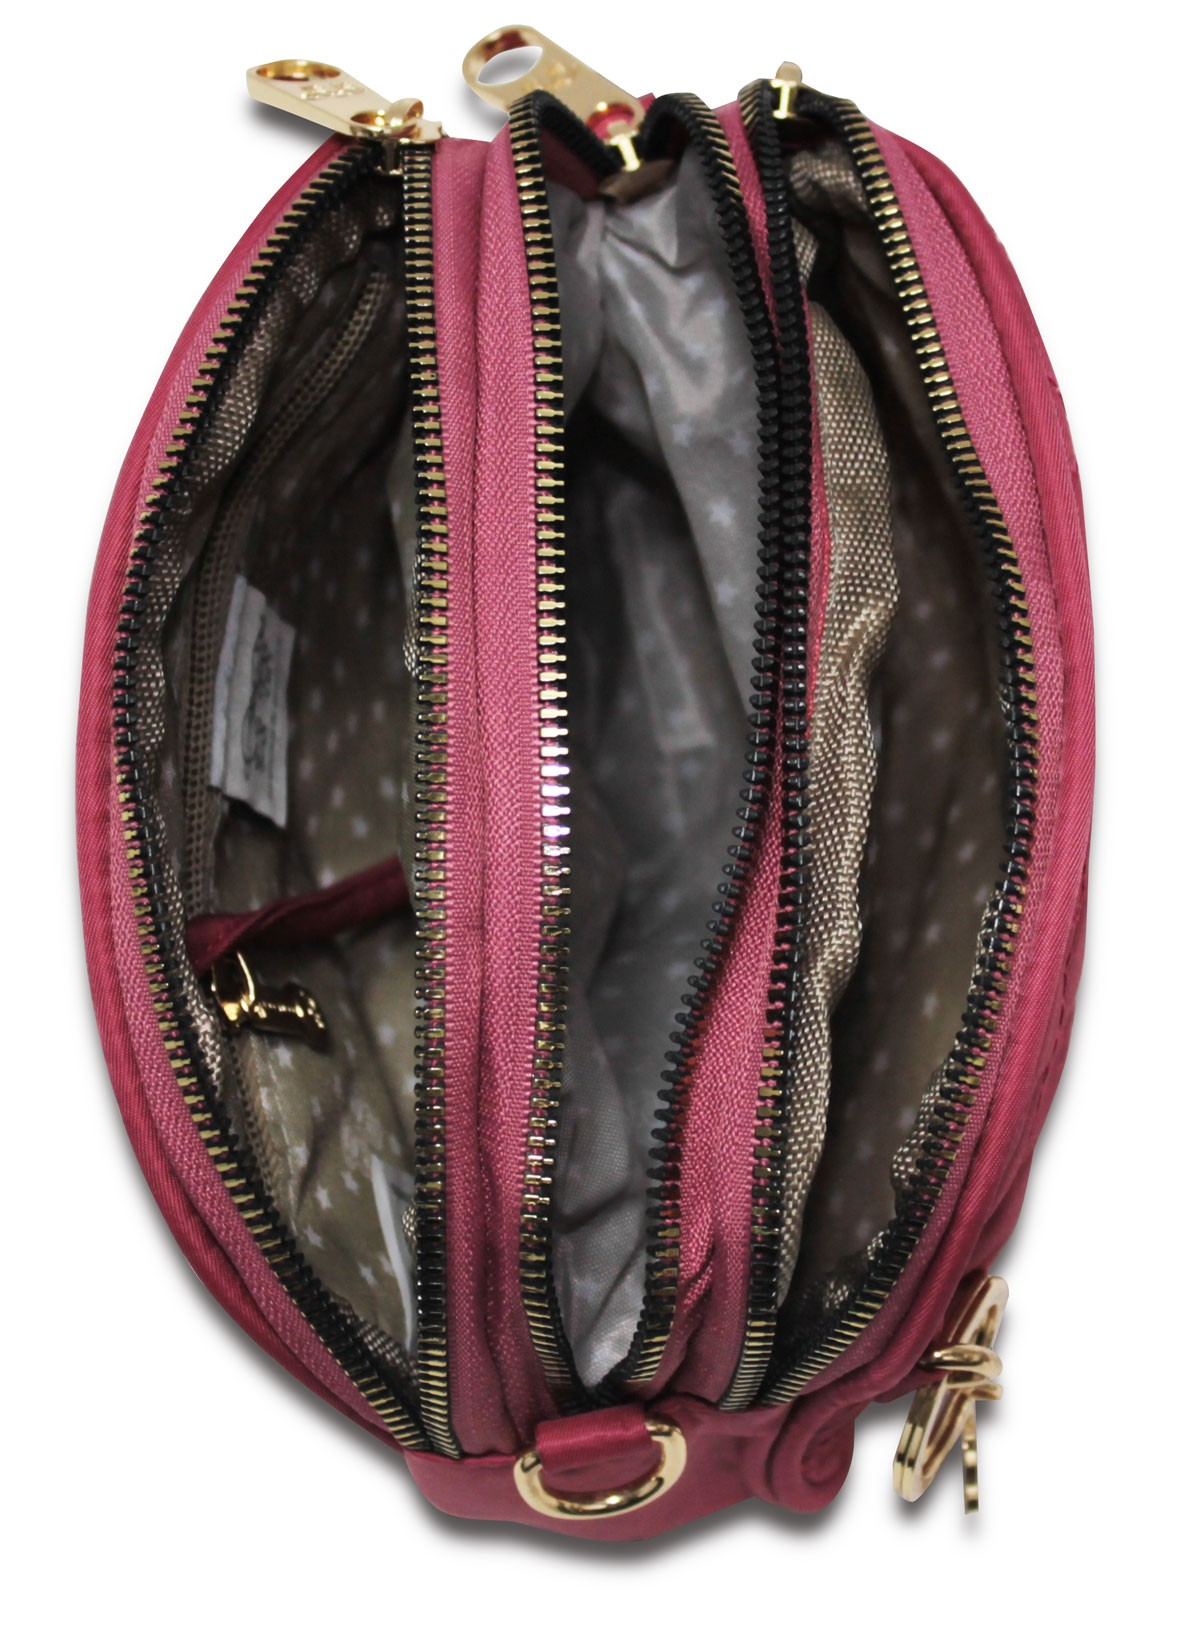 Bolsa Feminina Transversal Pequena  Tipo Martelassê M1905  - Menino_Menina